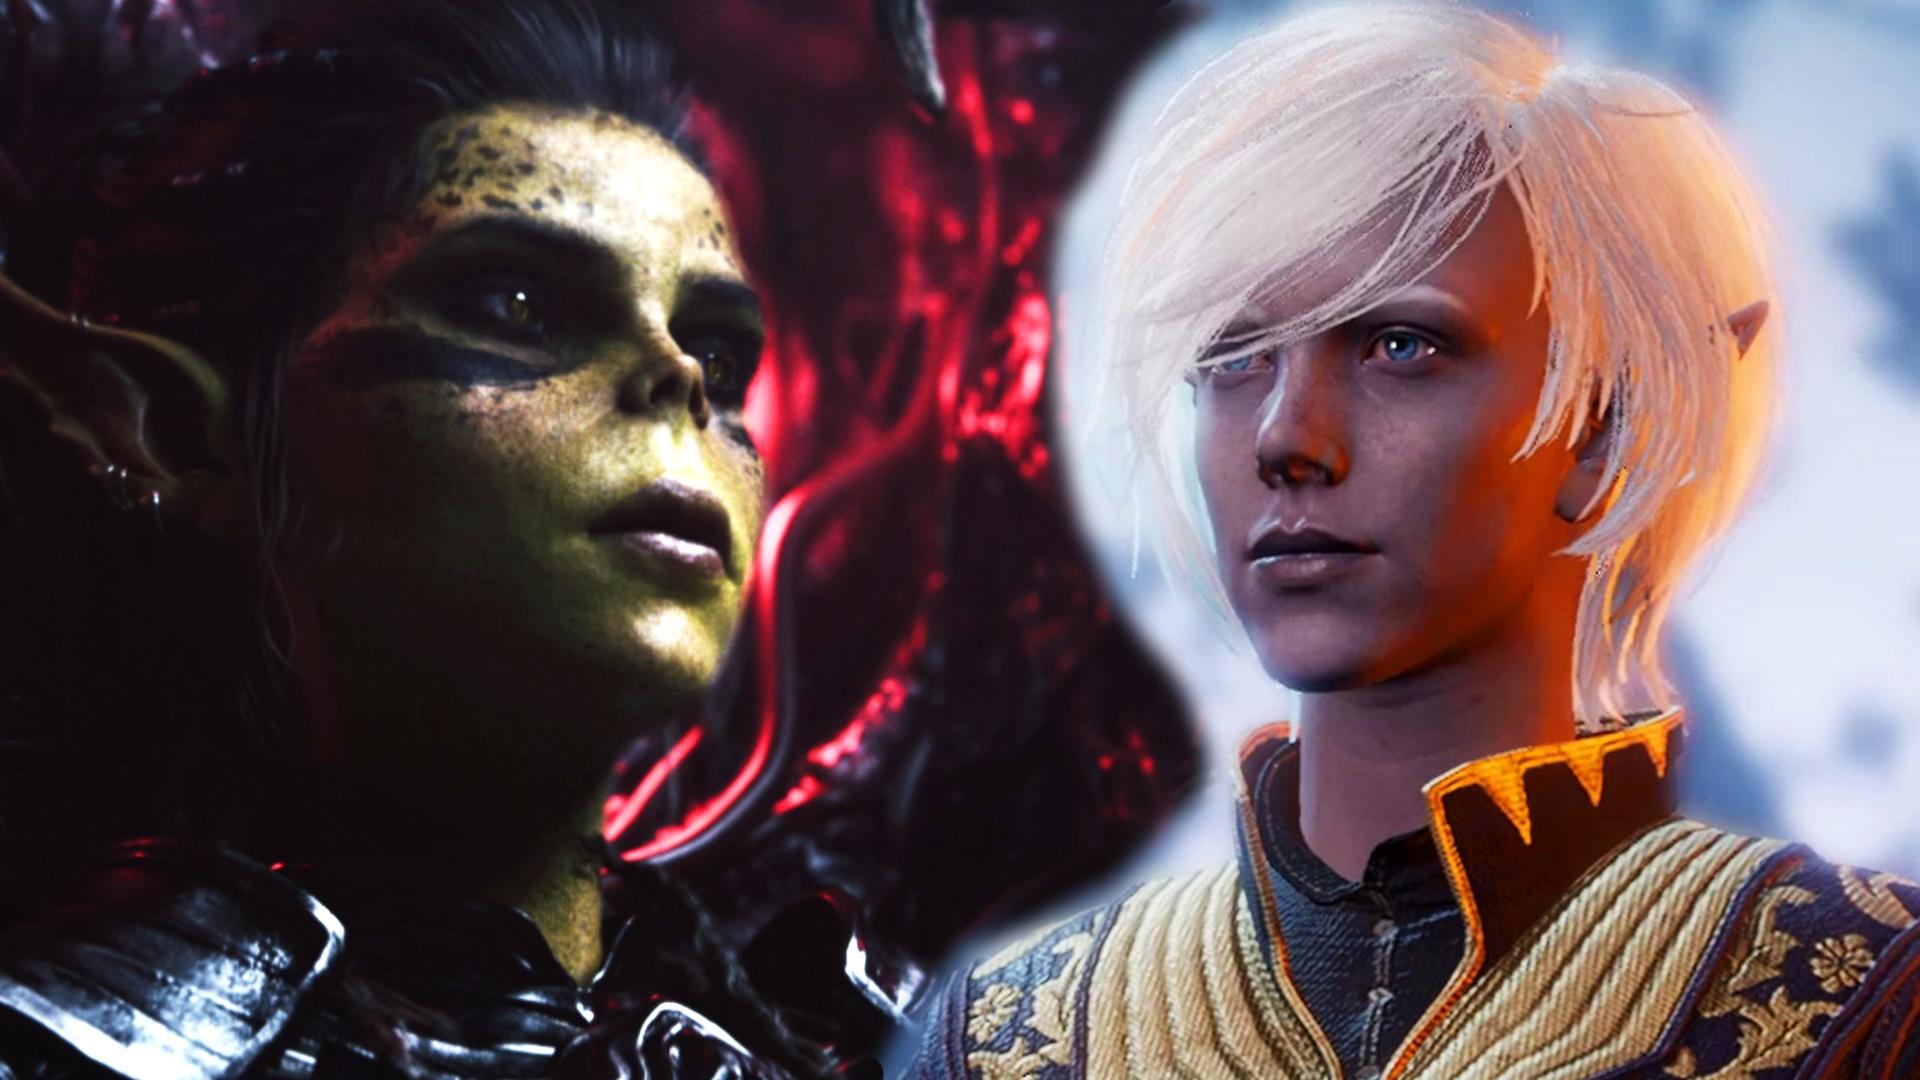 Baldur S Gate 3 Has Sex With Npcs But Not As A Reward Igamesnews